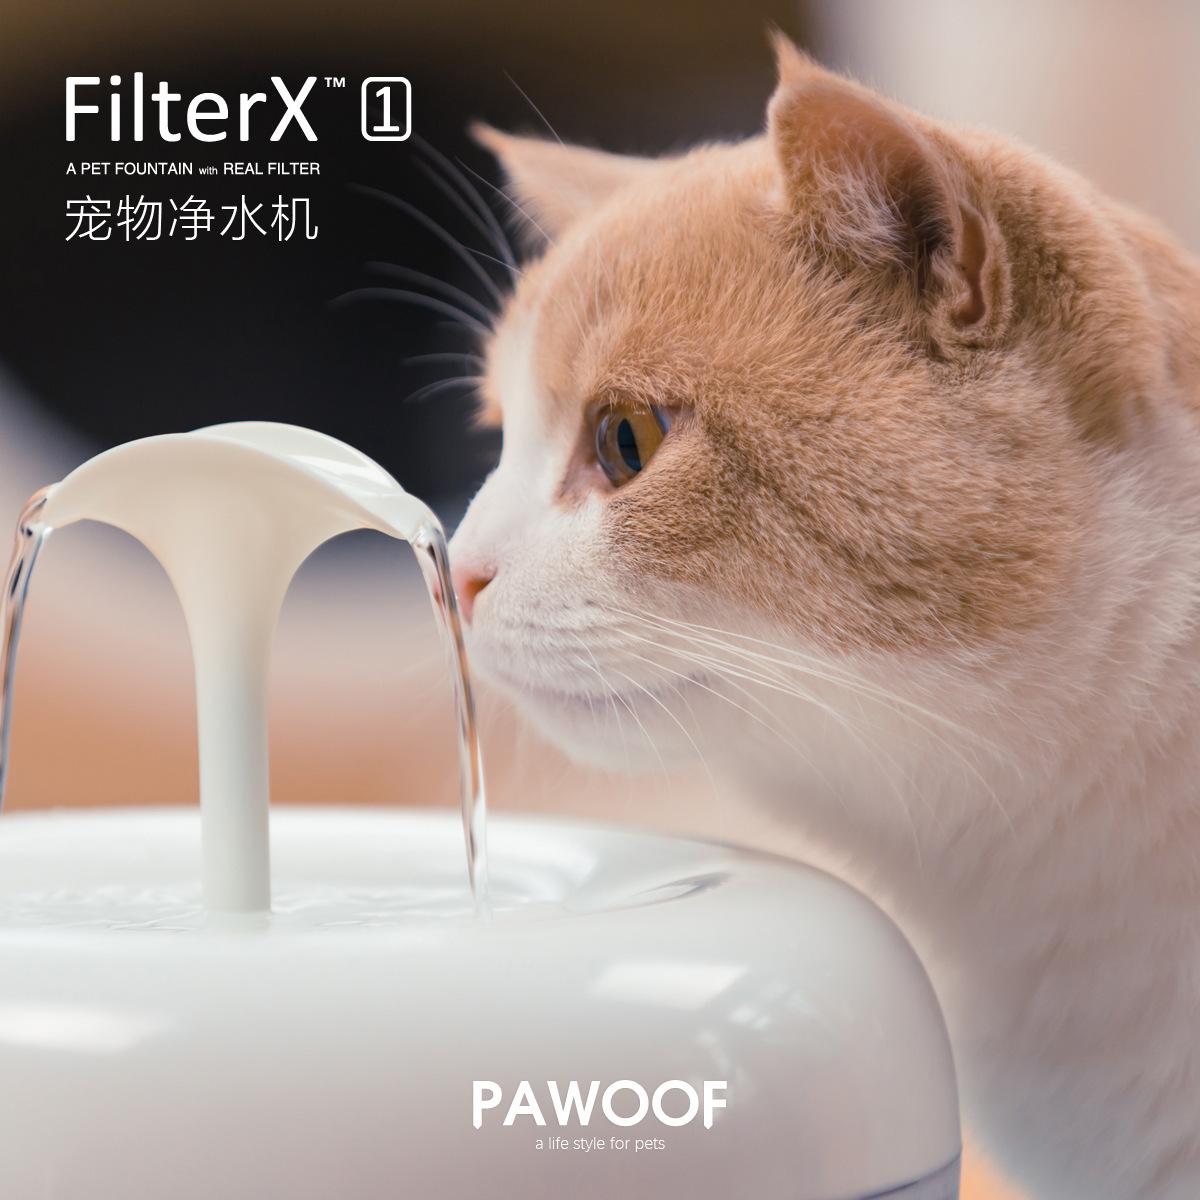 薄荷士多 美国PAWOOF酷极自动循环杀菌宠物饮水机强滤芯过滤杂质